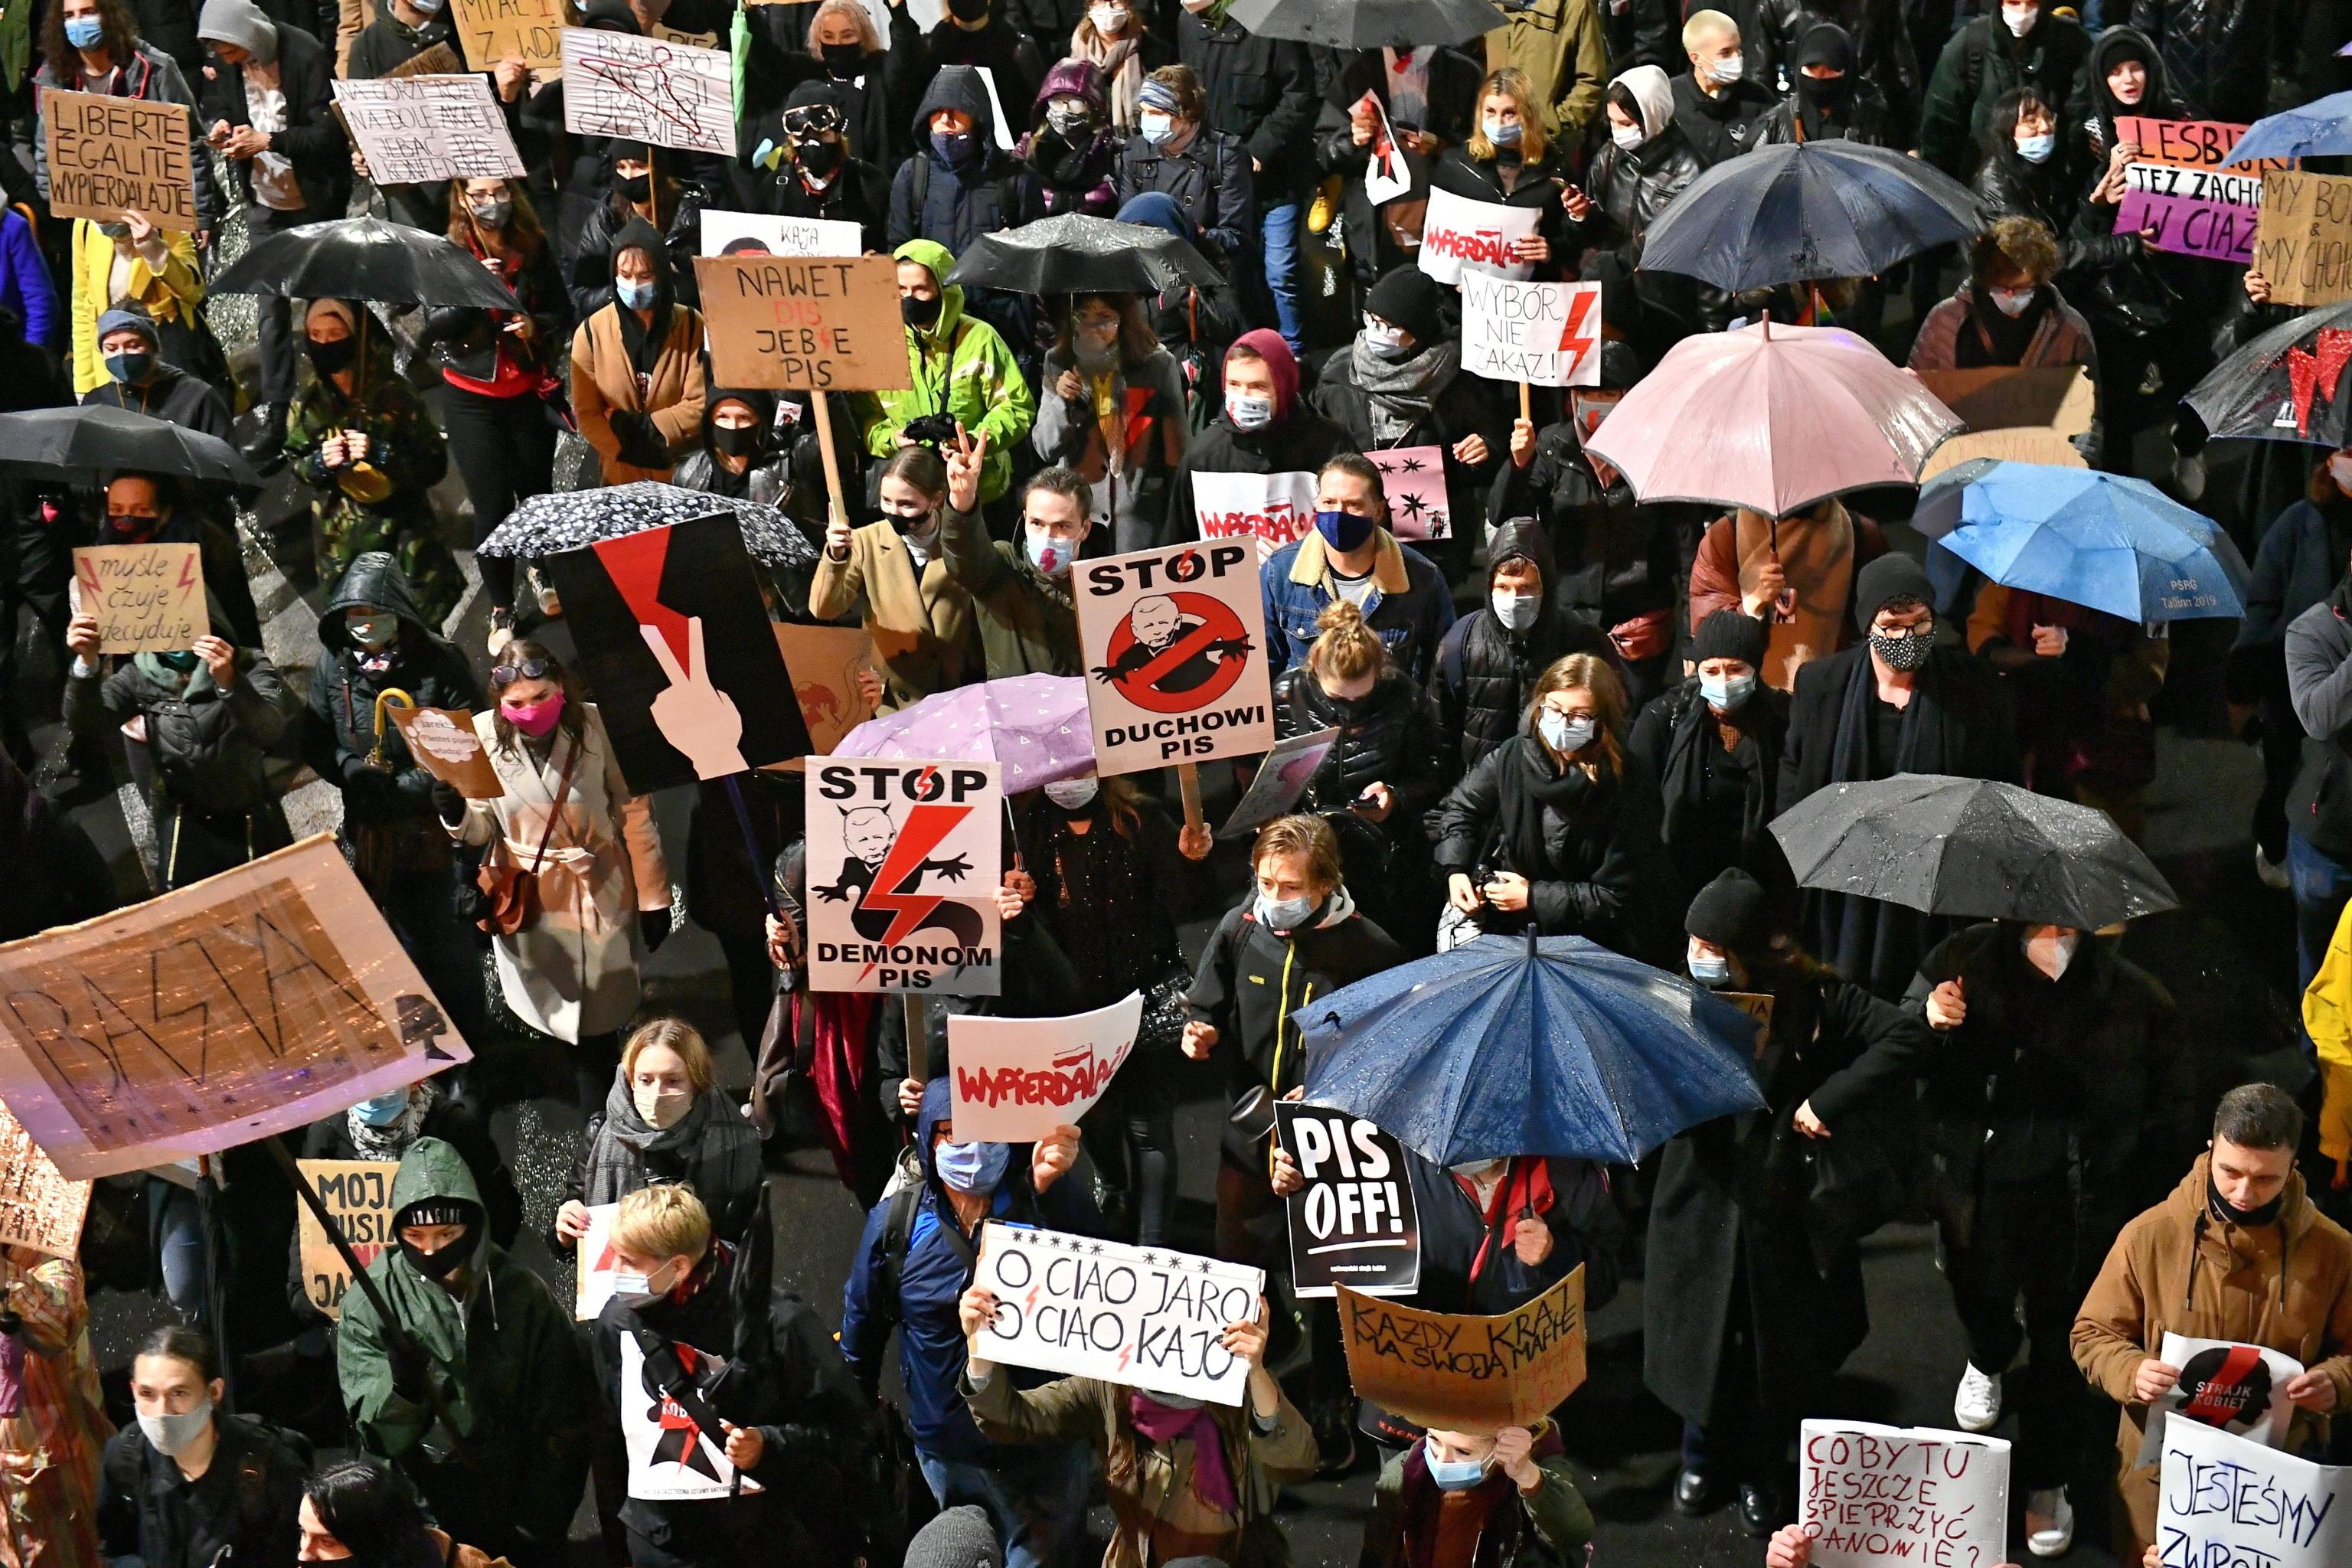 Polonia, entra in vigore il divieto quasi totale dell'aborto. Le donne sono pronte a scendere in piazza